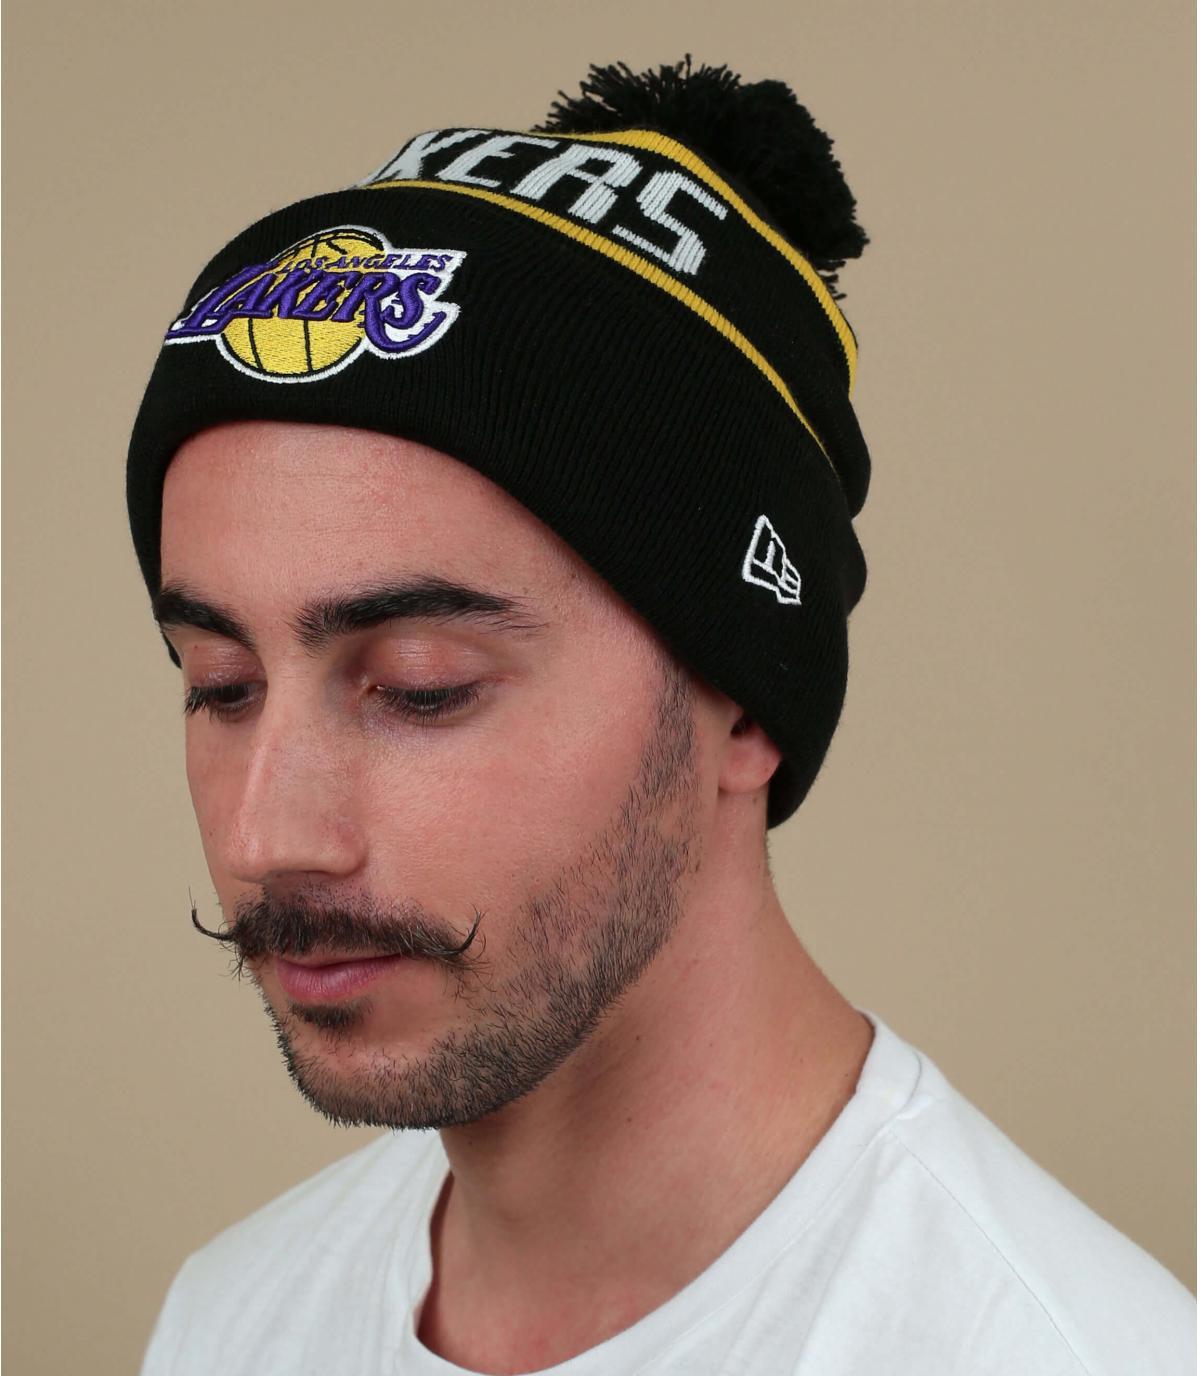 Zwarte pomponmuts van Lakers